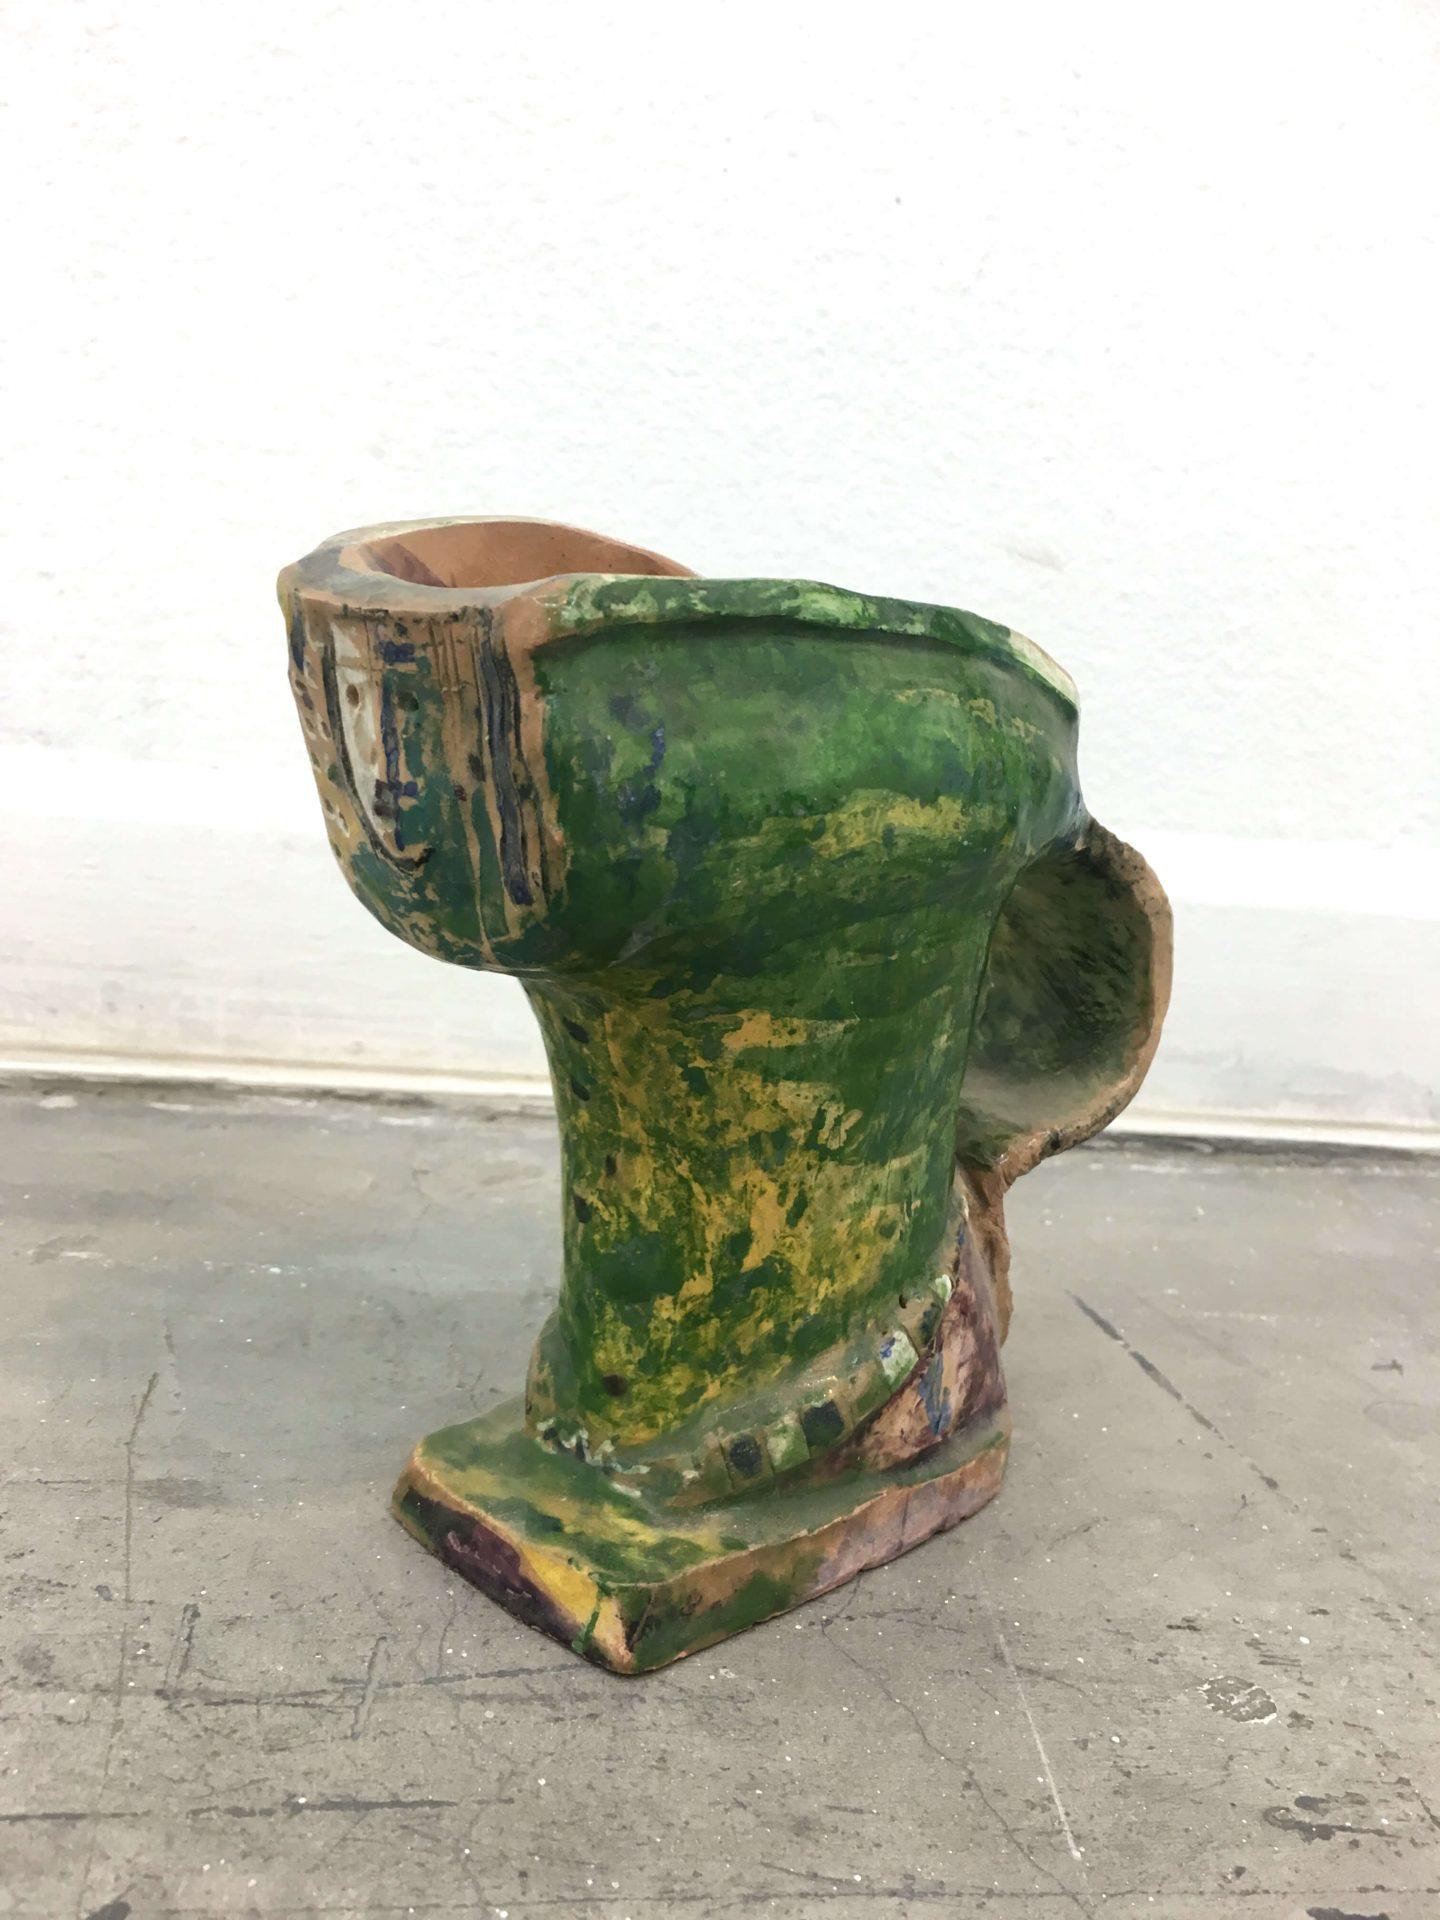 1468_Yehezkel Streichman, Ceramic, H-13